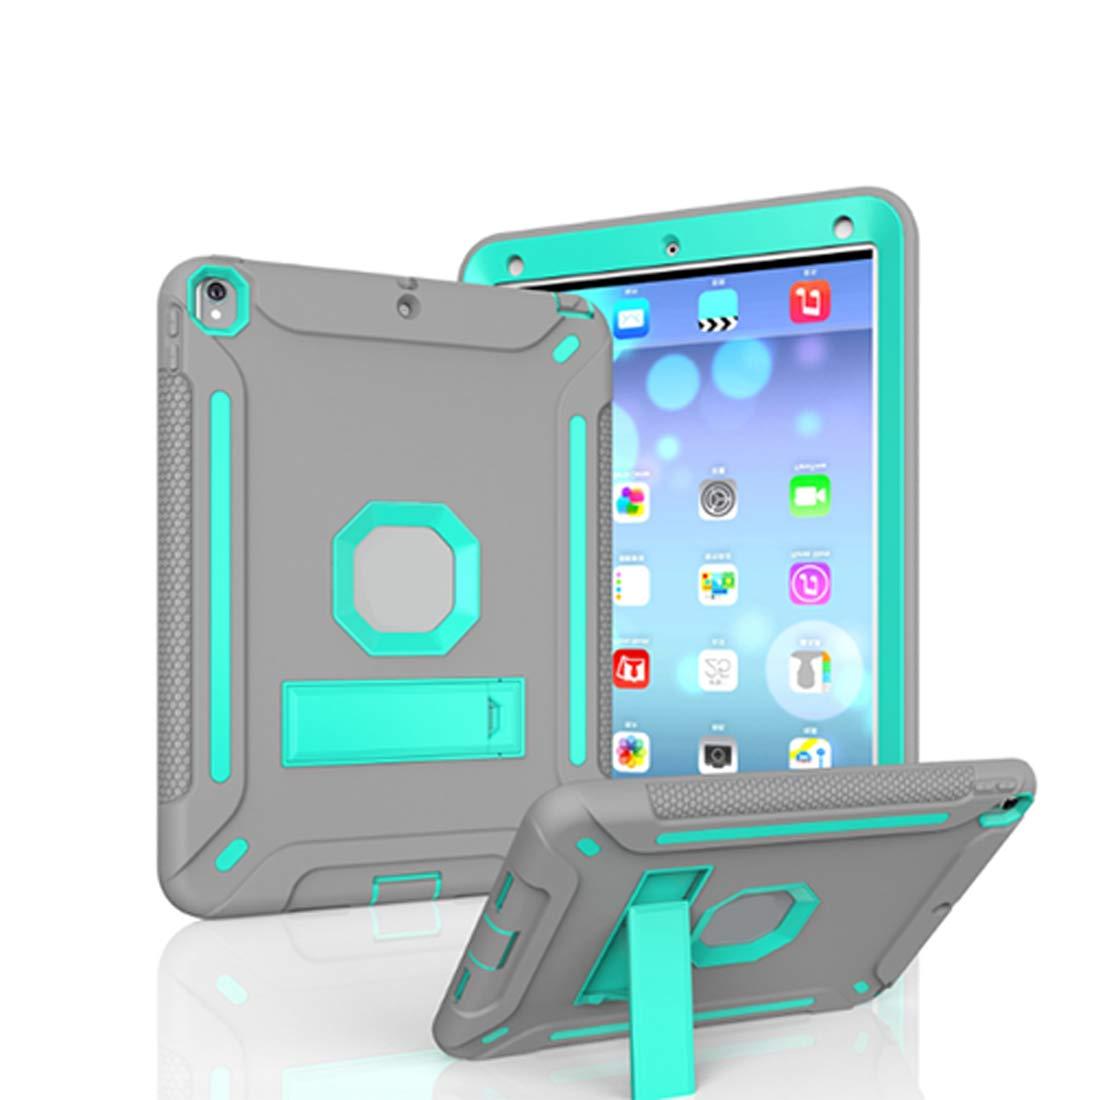 卸売 KRPENRIO KRPENRIO (色:グレー iPad 9.7インチiPad用 5ケース 頑丈 スリム 耐衝撃 シリコン 保護ケースカバー 9.7インチiPad用 (ネイビーブルー/蛍光オレンジ) (色:グレー サイズ:iPad2017) B07L837NP7, チガサキシ:a2741a1d --- a0267596.xsph.ru